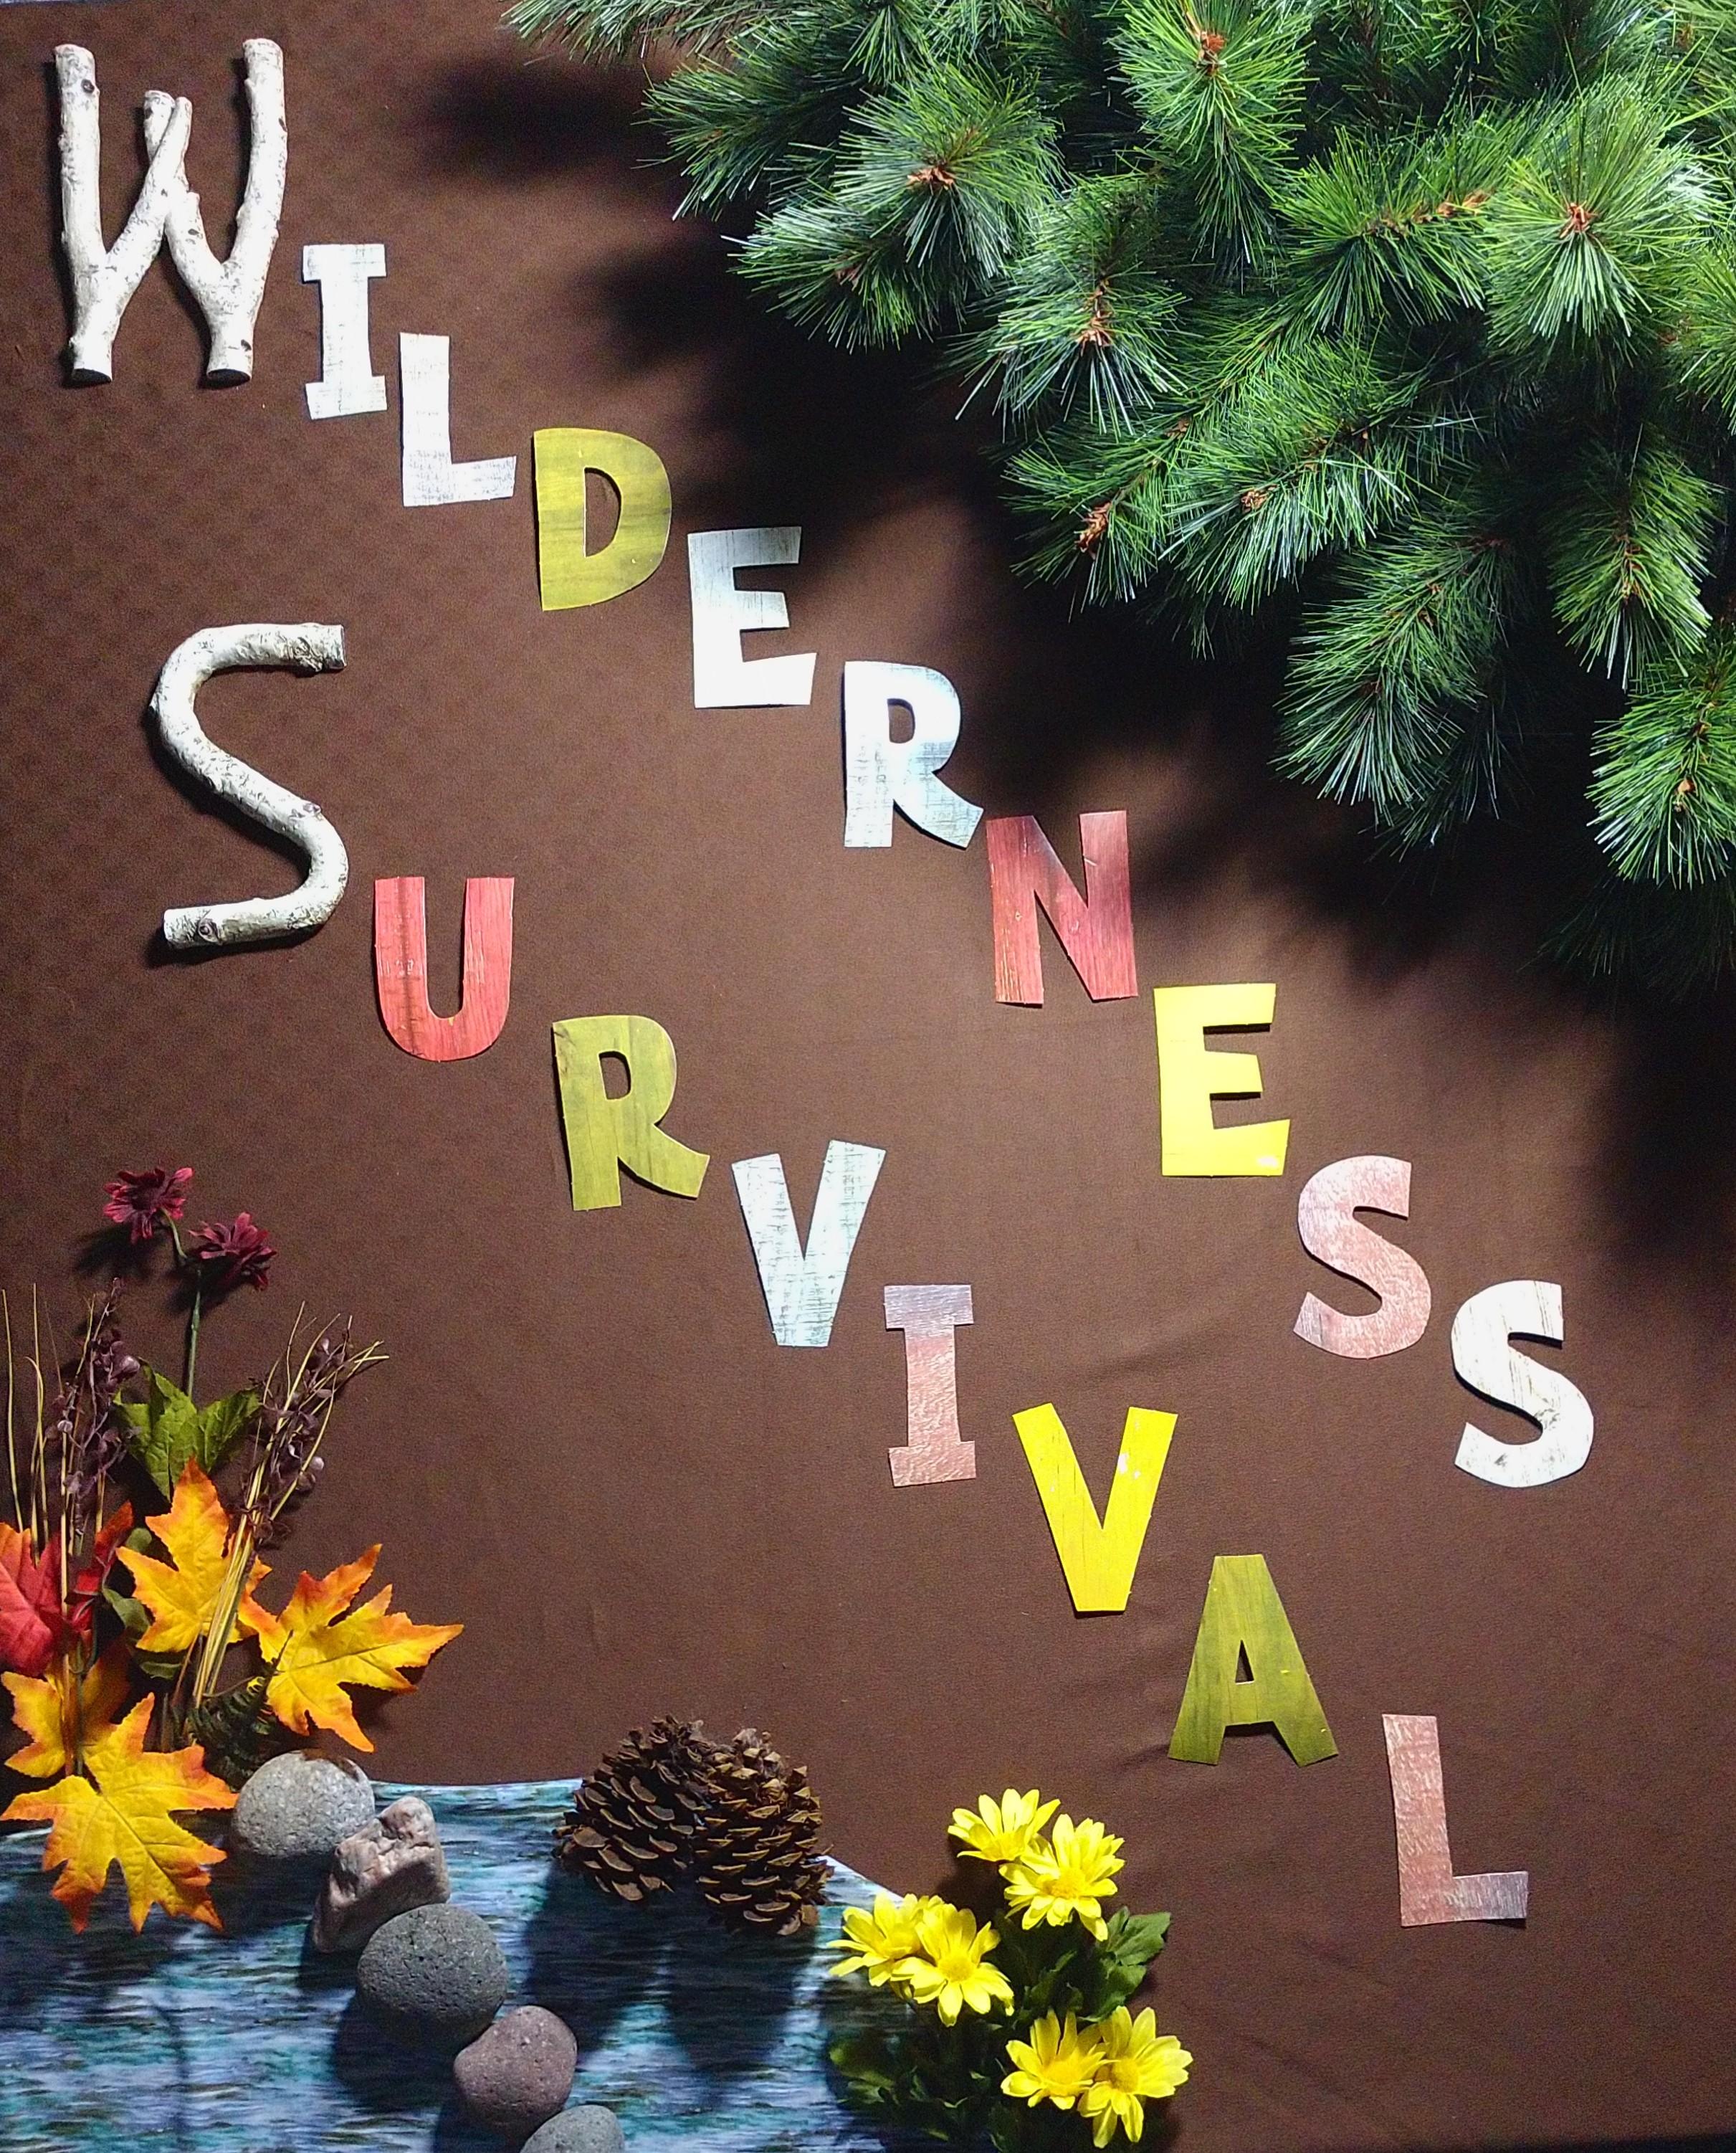 Wilderness Survival photo